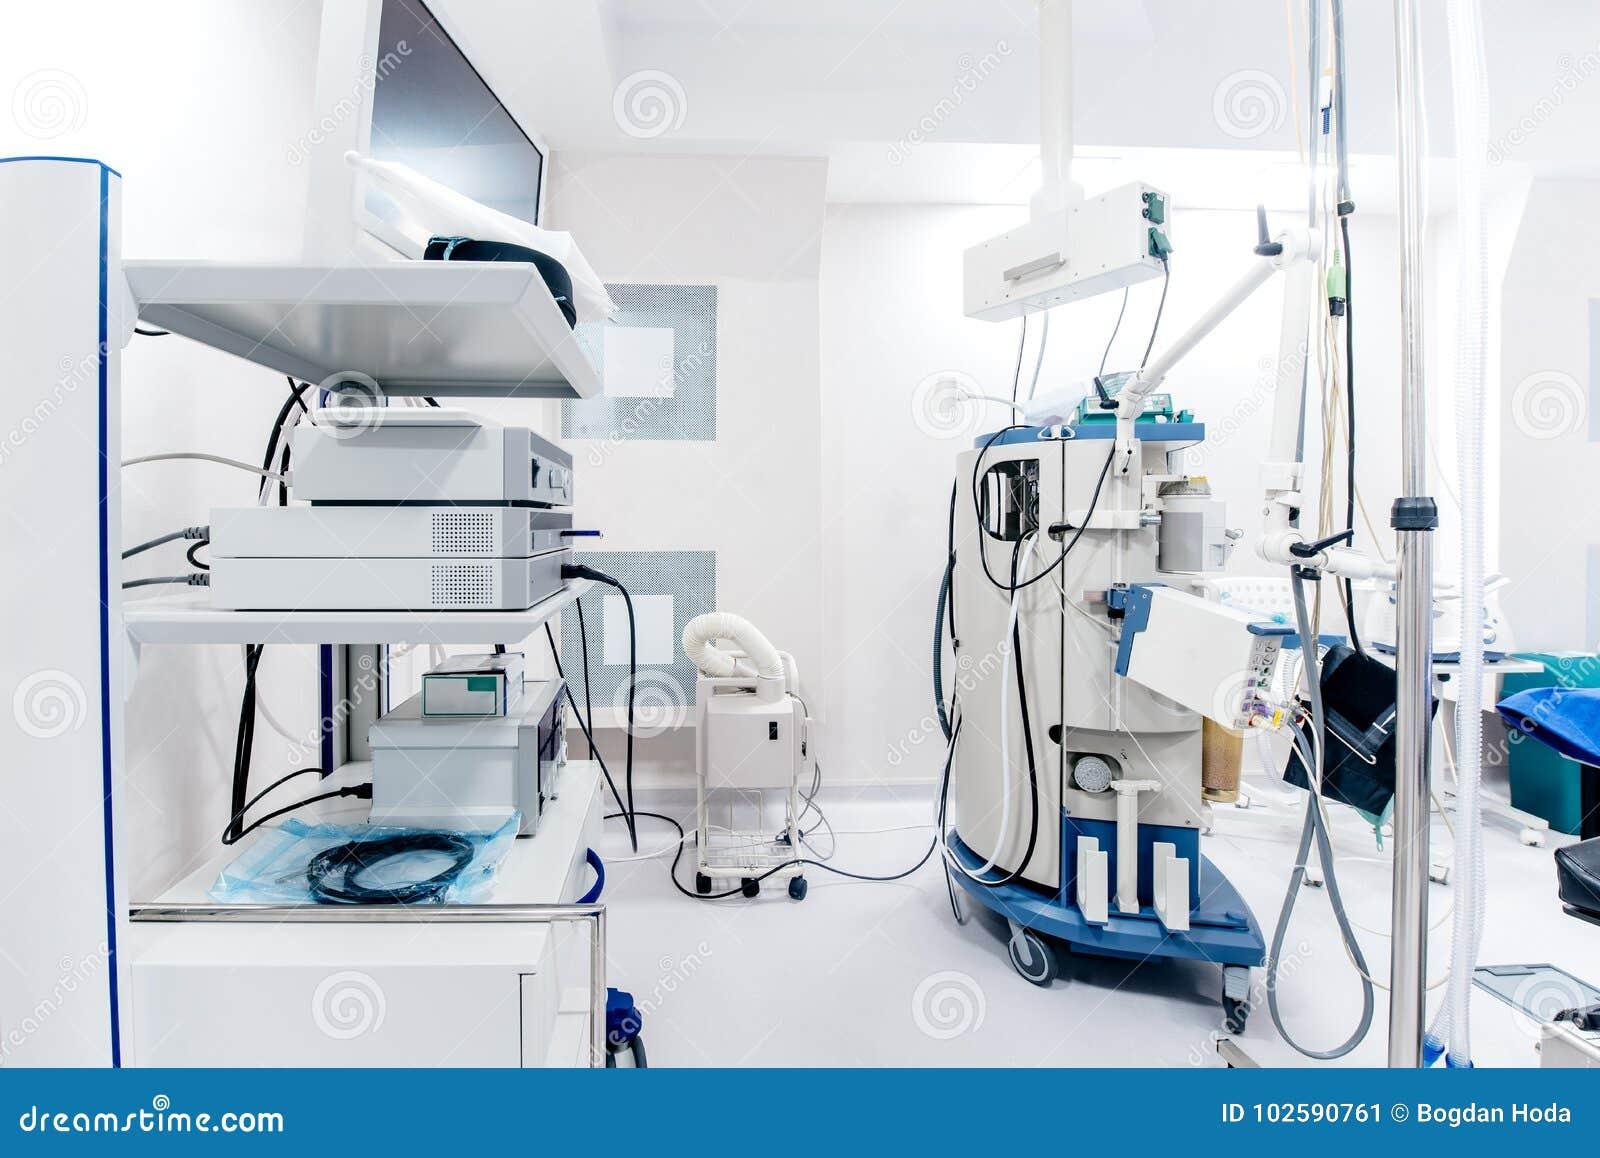 Закройте вверх по деталям интерьера операционной больницы Медицинские службы и мониторы искусственного жизнеобеспечения